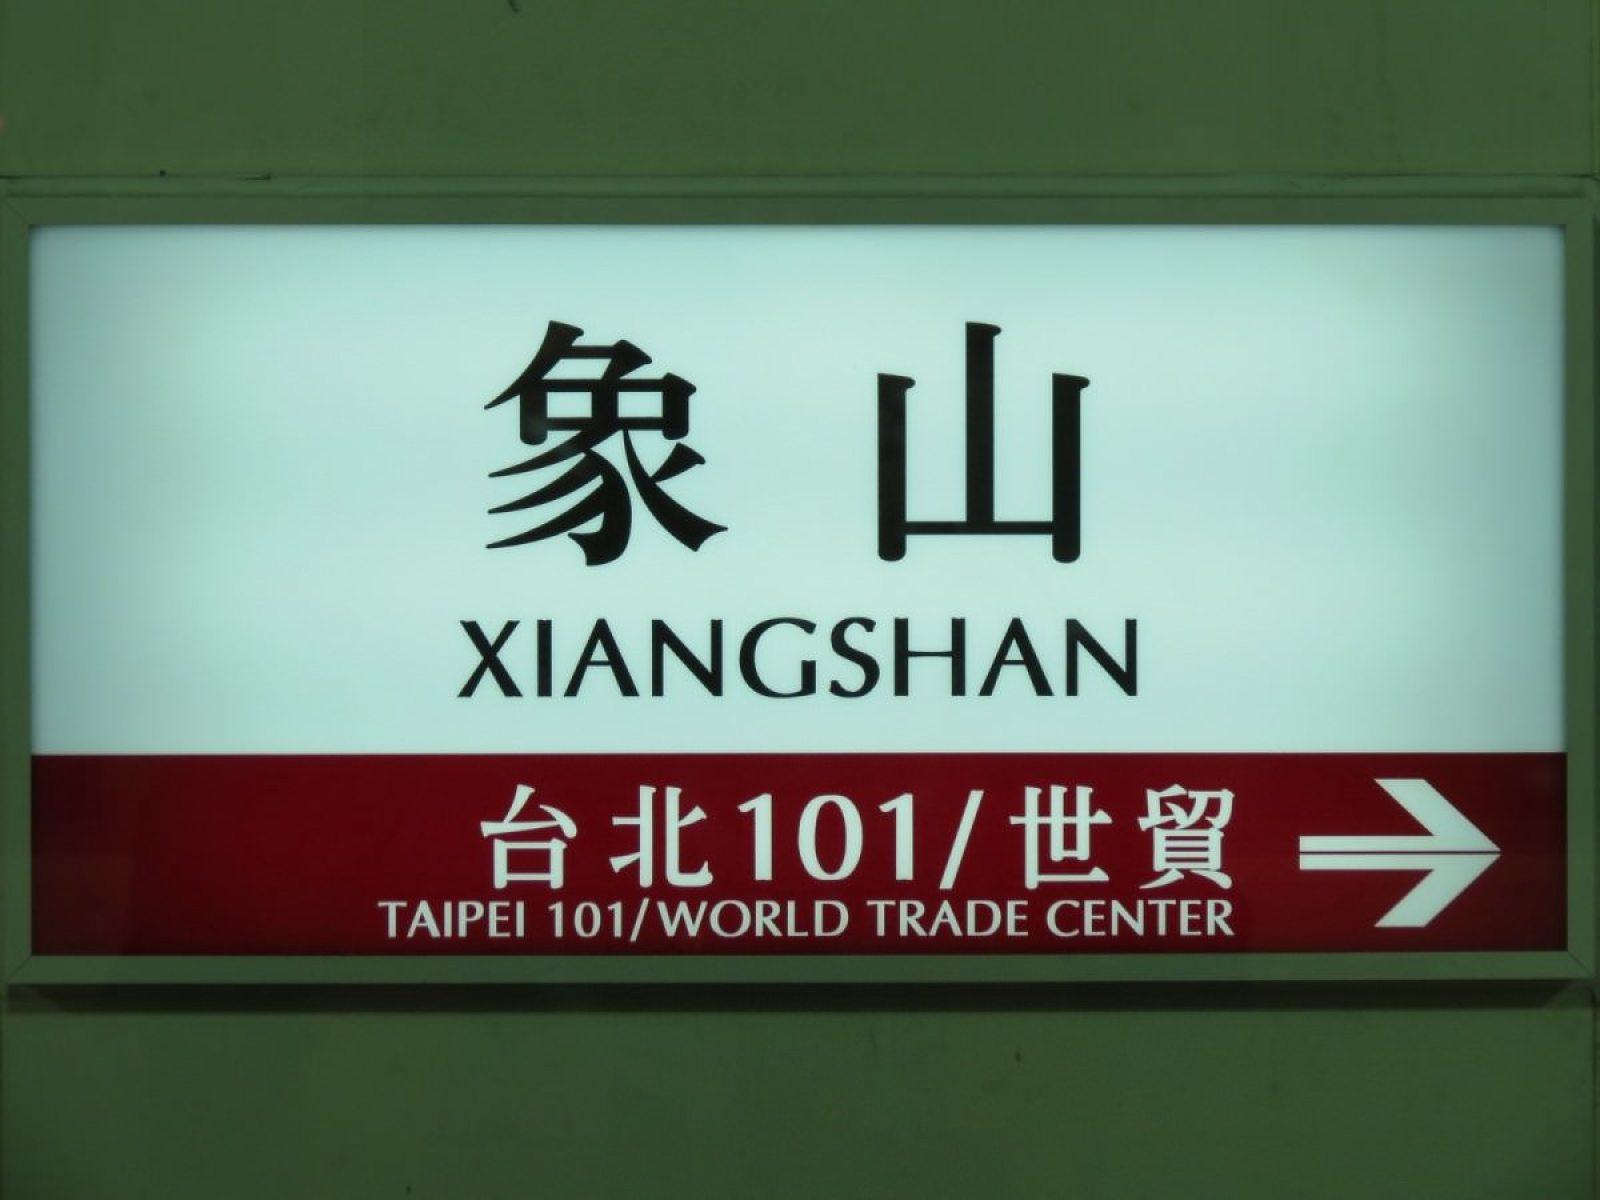 台北捷運, 紅線/信義線, 象山站, 站牌